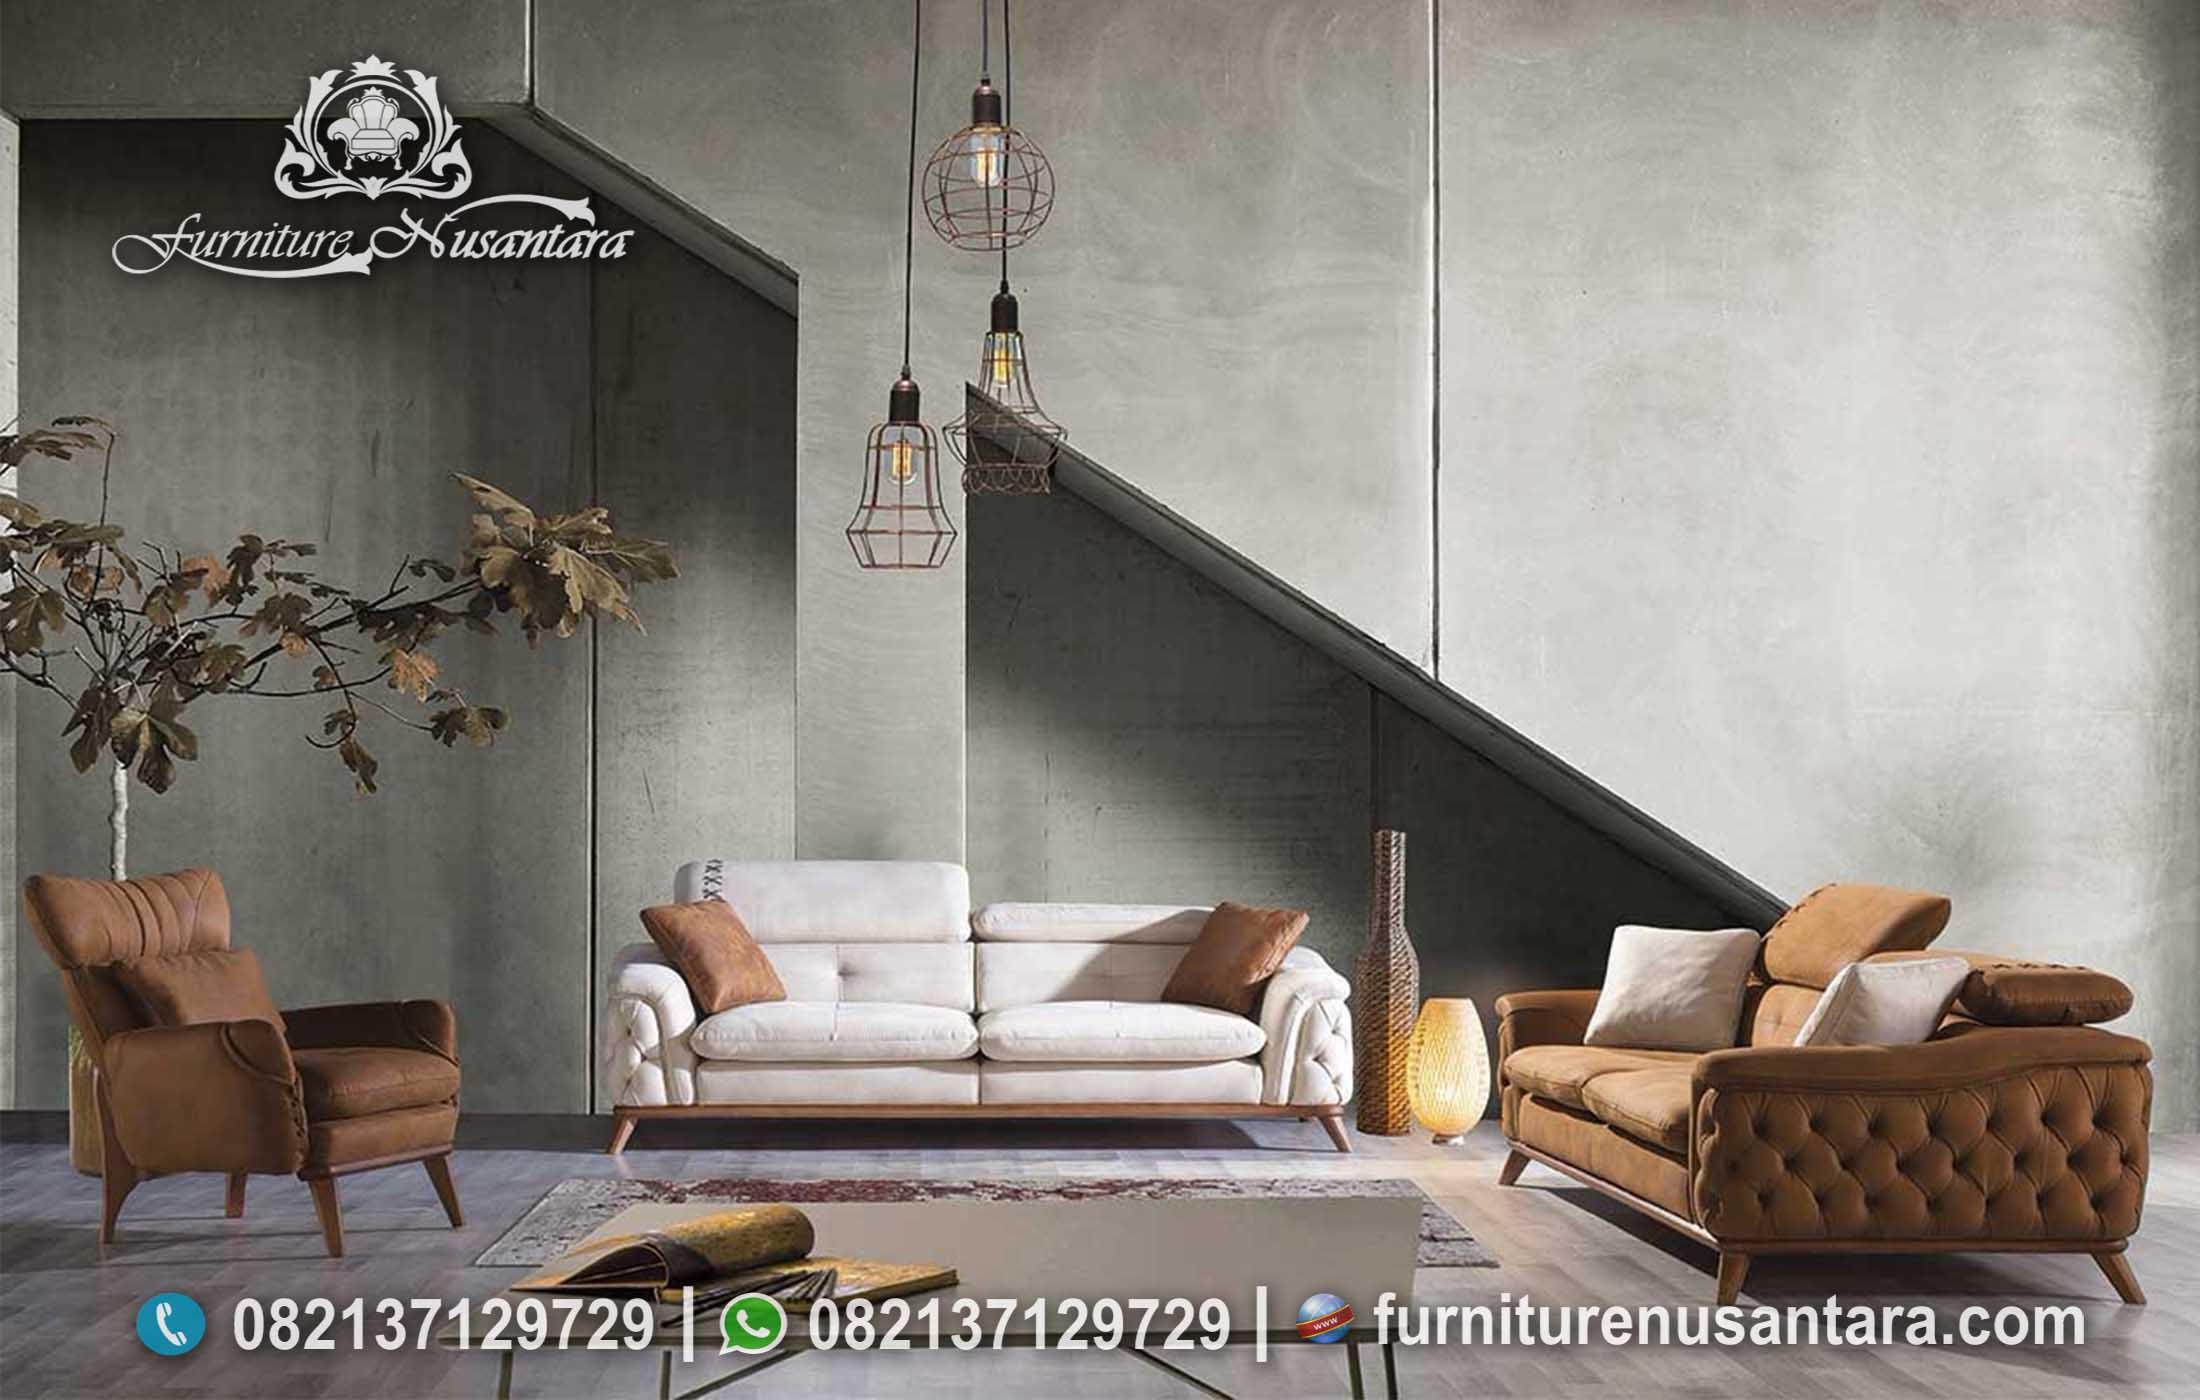 Sofa Minimalis Mewah Terbaru ST-18, Furniture Nusantara